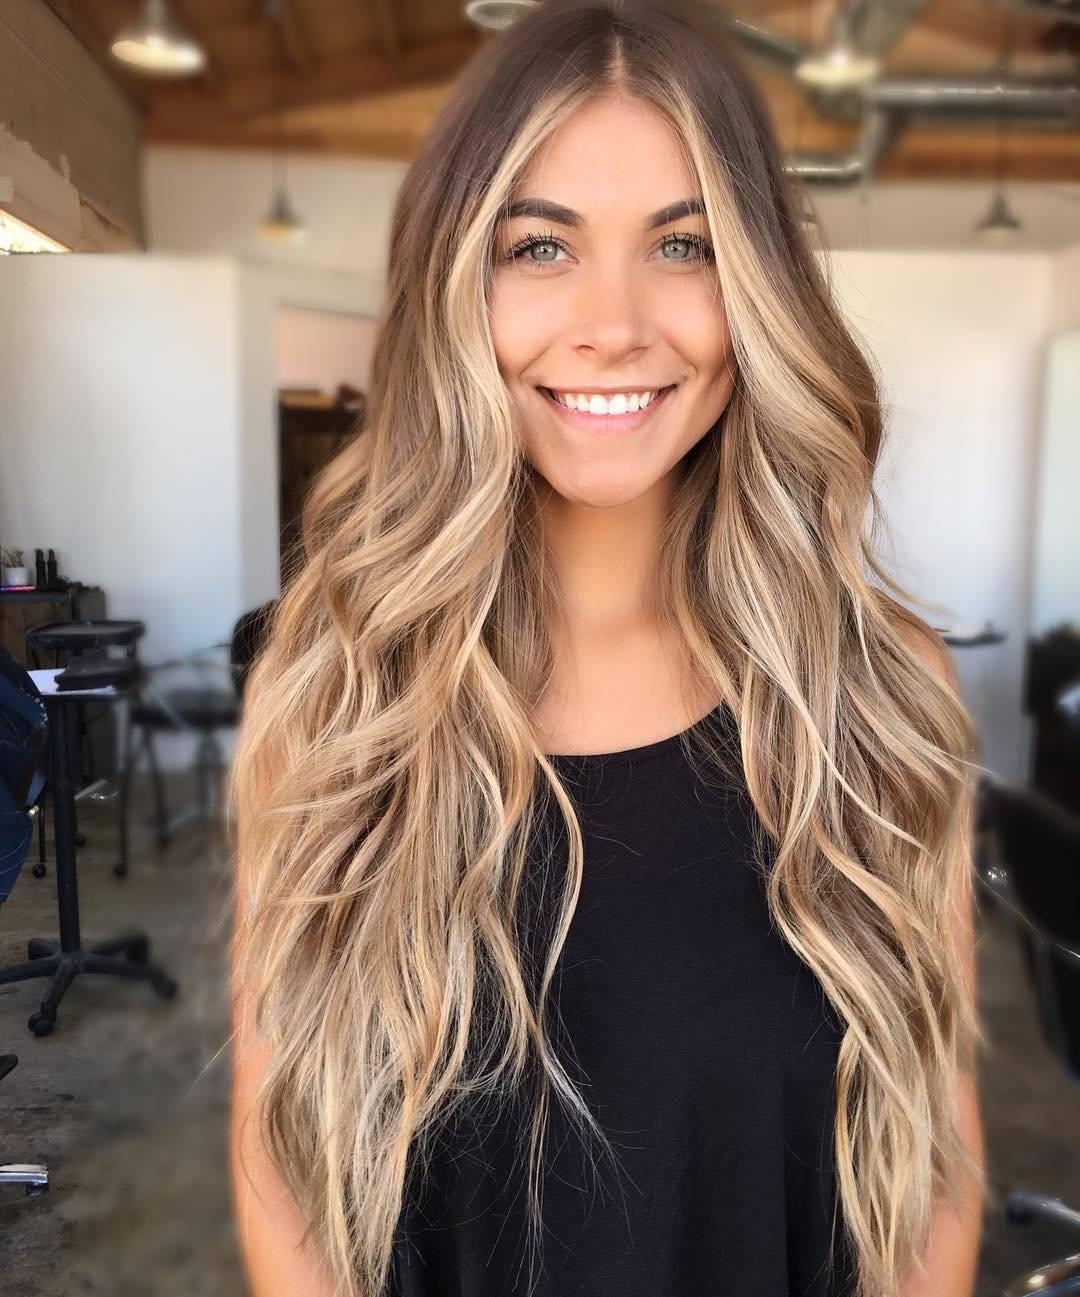 Окрашивание шатуш на темные волосы с фото и видео